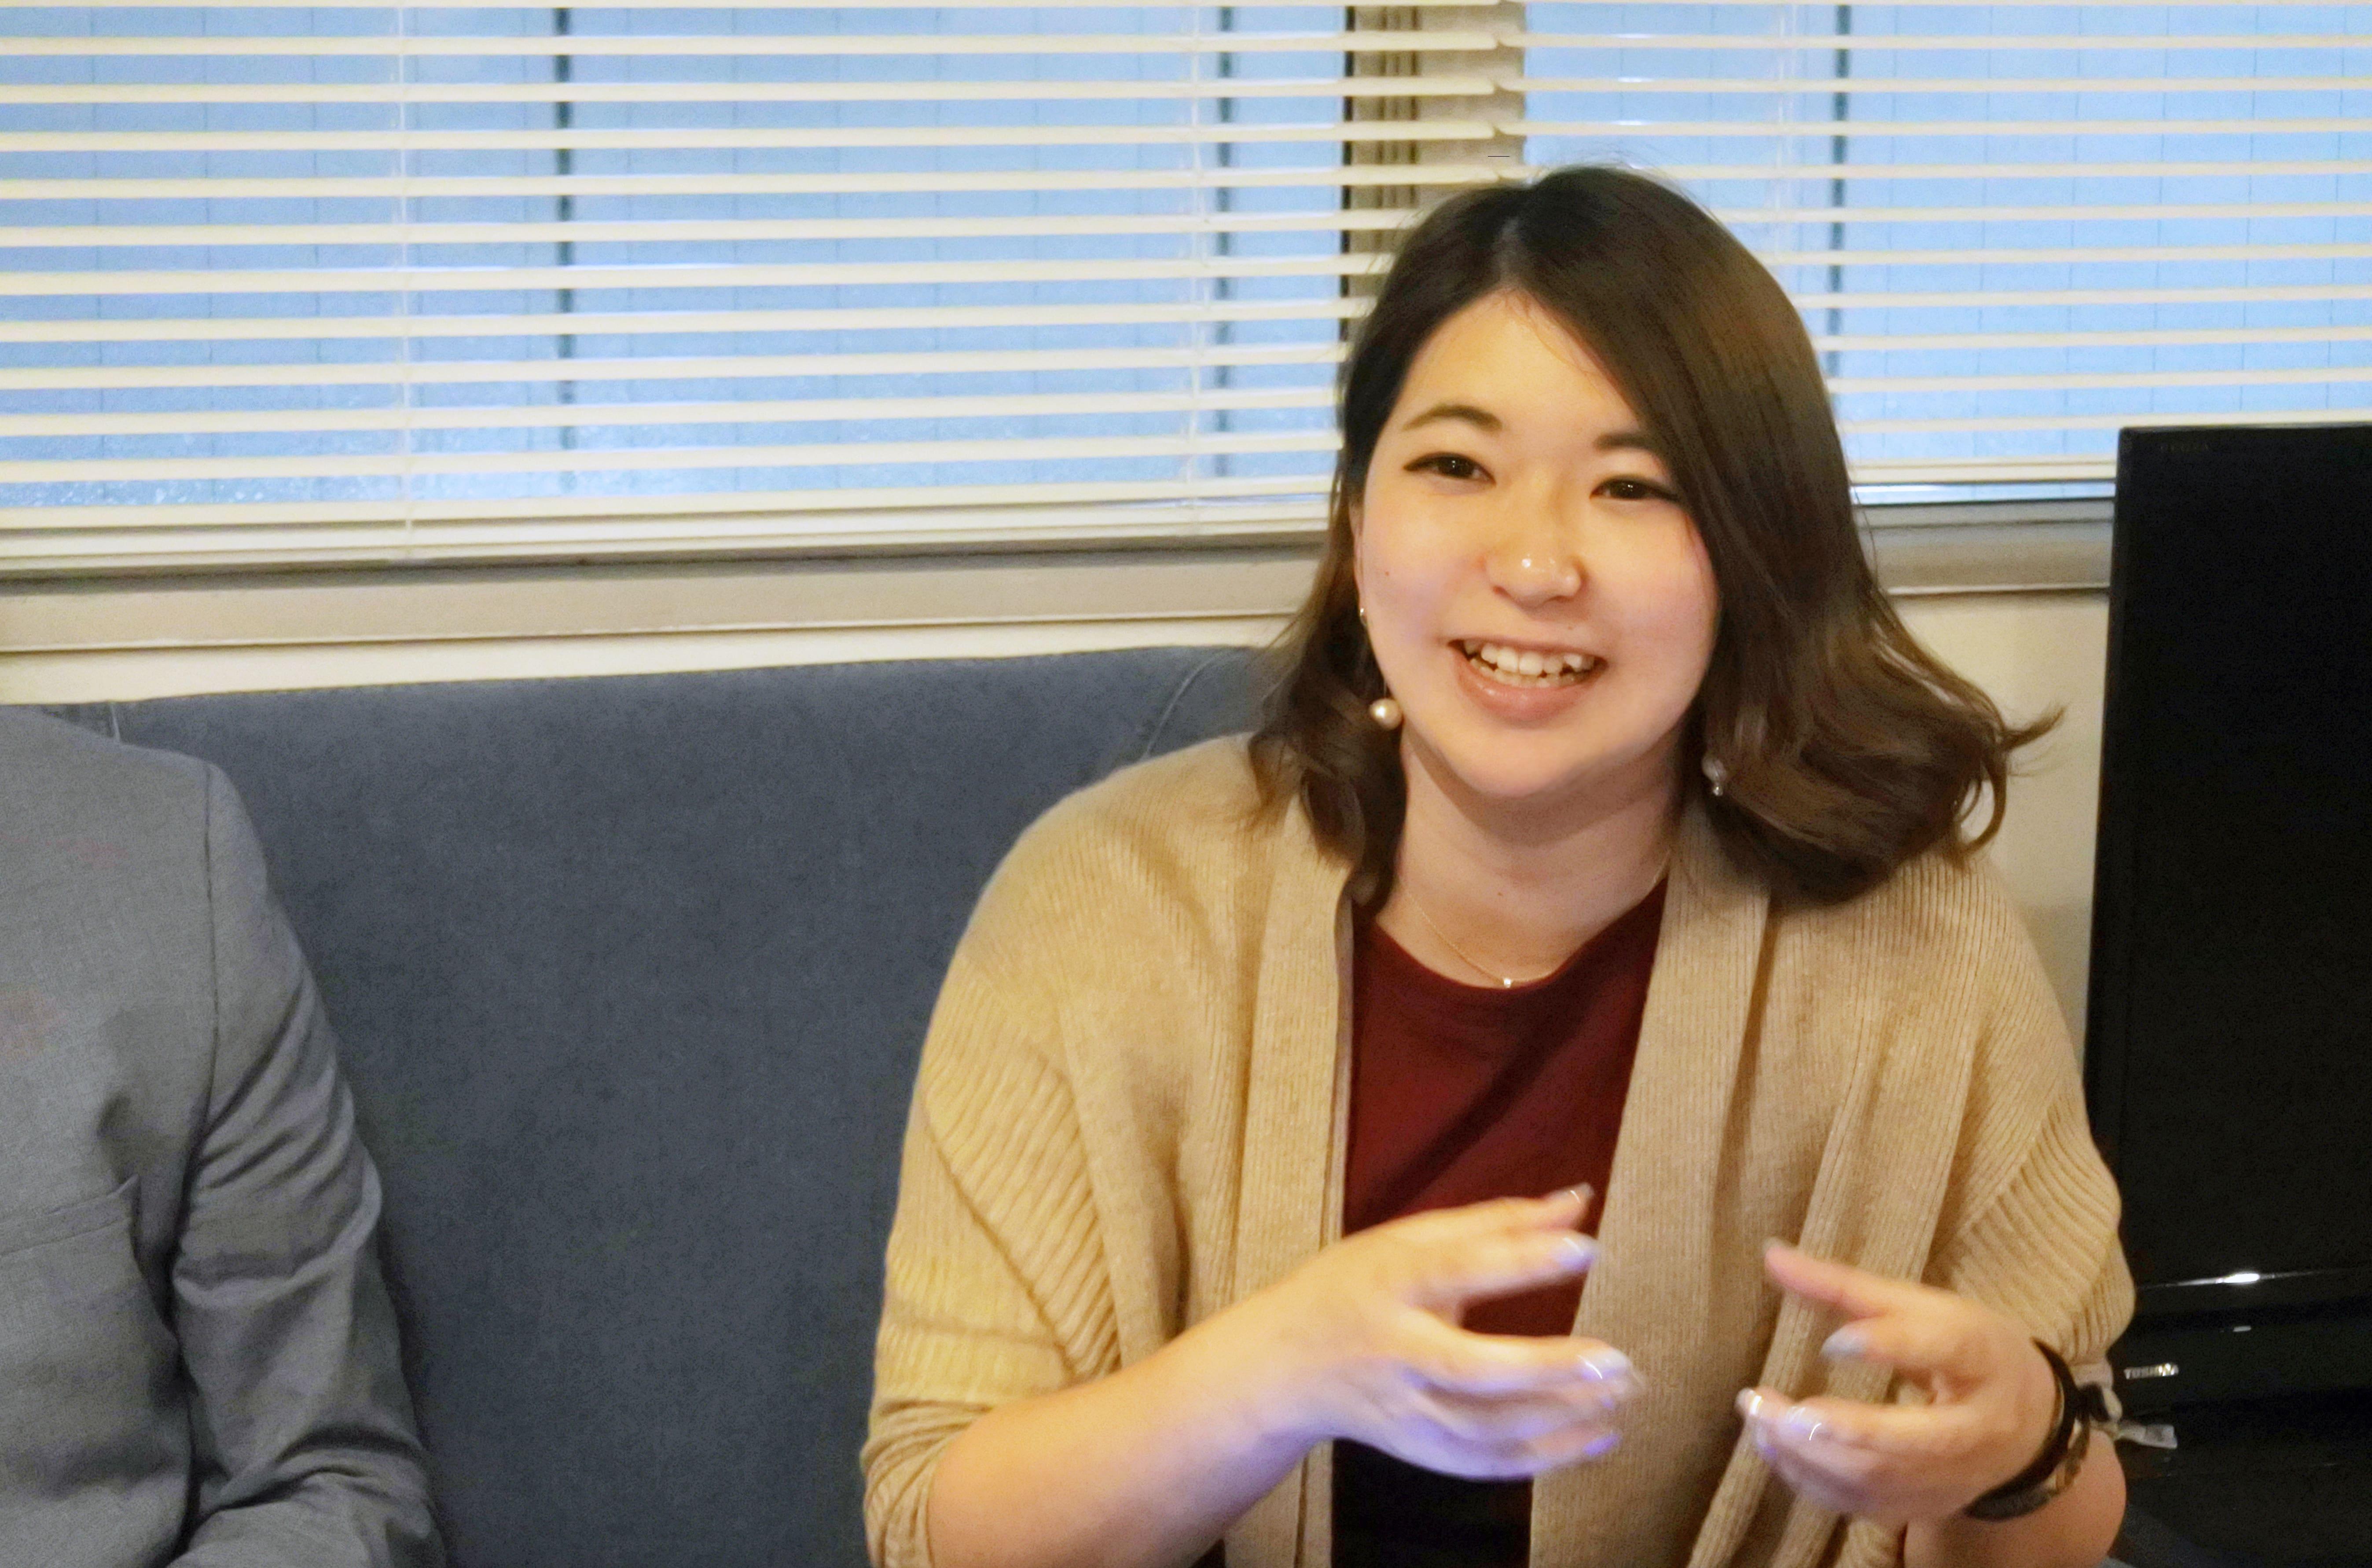 インスタベースのおかげで問い合わせ件数が増えたと話す成田氏